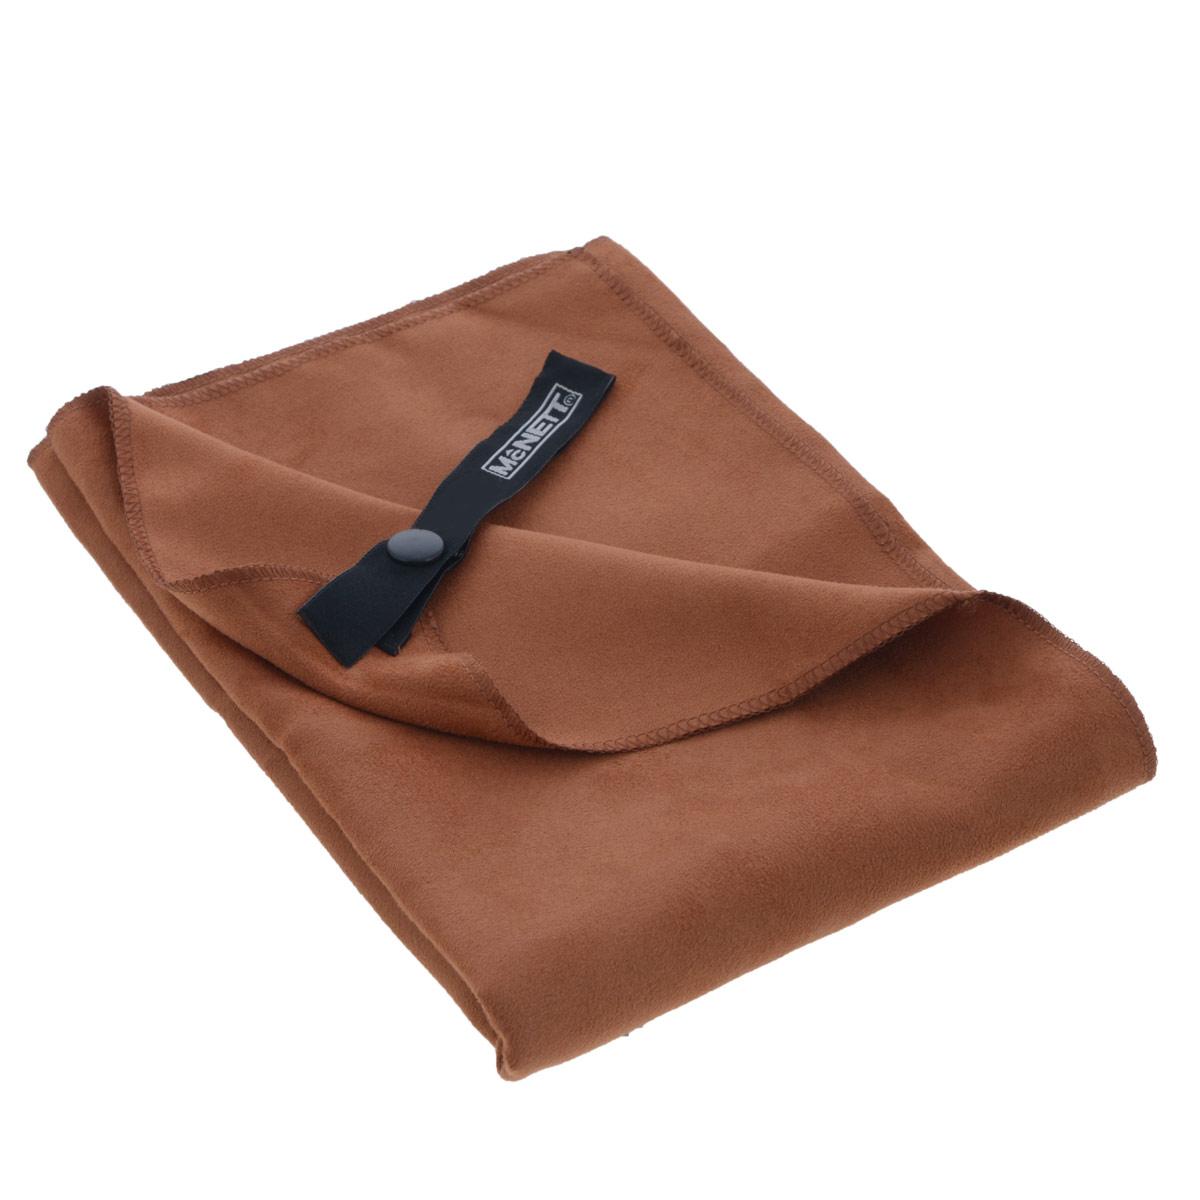 Полотенце McNett Outgo, цвет: терракот, 77 см х 128 смMN 68159Микроволоконное полотенце McNett Outgo - это специально разработанная высокоплотная вязаная чрезвычайно компактная ткань с абсолютно уникальными впитывающими и чистящими свойствами. Сверхтонкие (0.2 денье) микроволоконные сплетения быстро сохнут - 90% воды удаляется при ручном отжиме. Приятное на ощупь, обладающее уникальными свойствами микроволокон, полотенце McNett Outgo идеально подойдет любителям различных поездок, походов и водных видов спорта. В комплекте удобный чехол, выполненный из сетки с водоотталкивающей подкладкой.